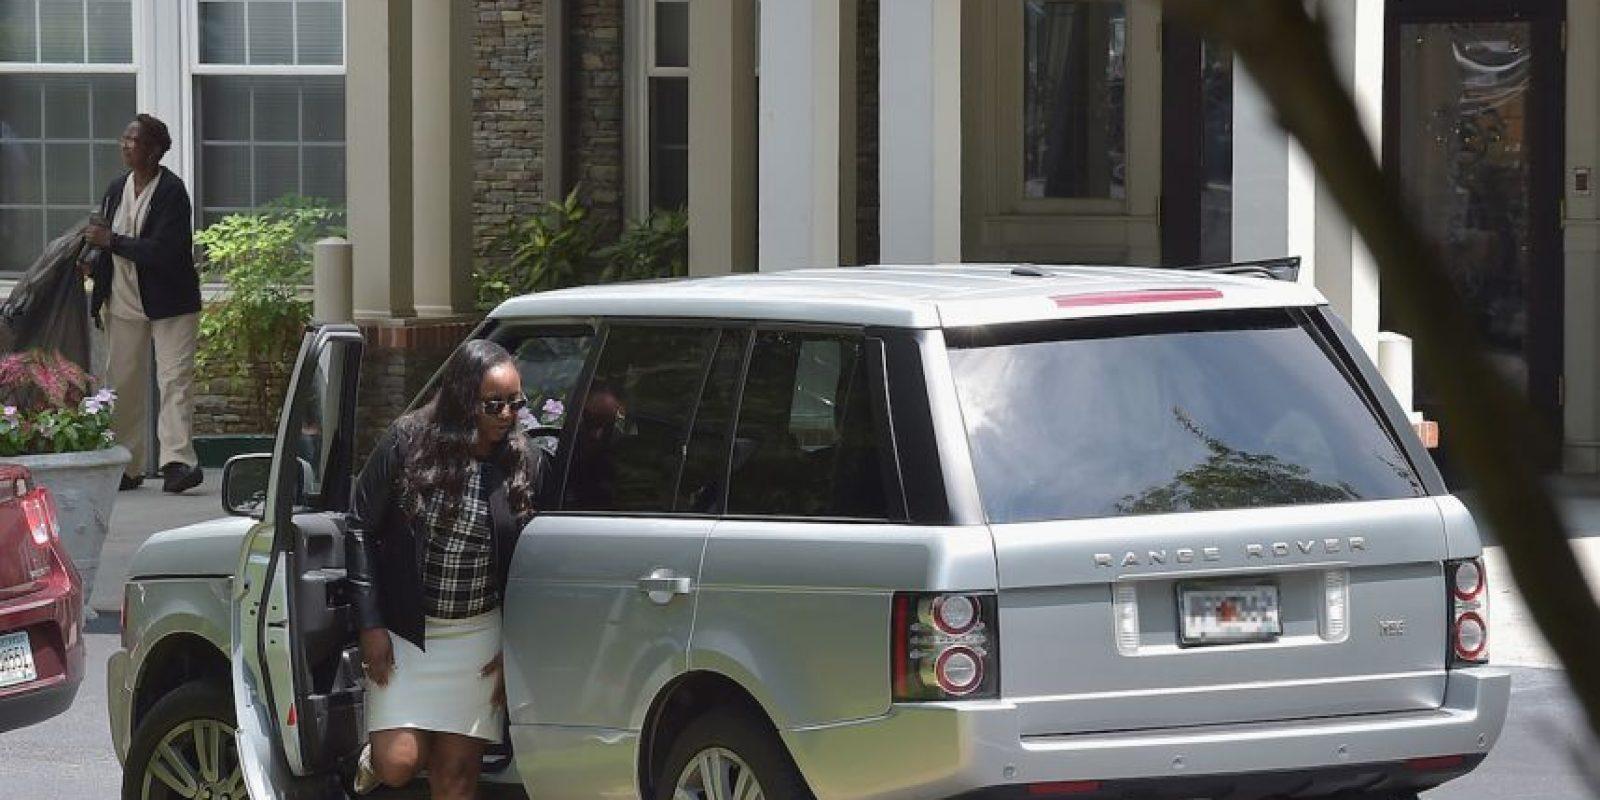 Los fotográfos notaron que en la parte trasera del hospital había instalada una carpa blanca y que la carroza esperaba bajo sus cortinas. Foto:Getty Images